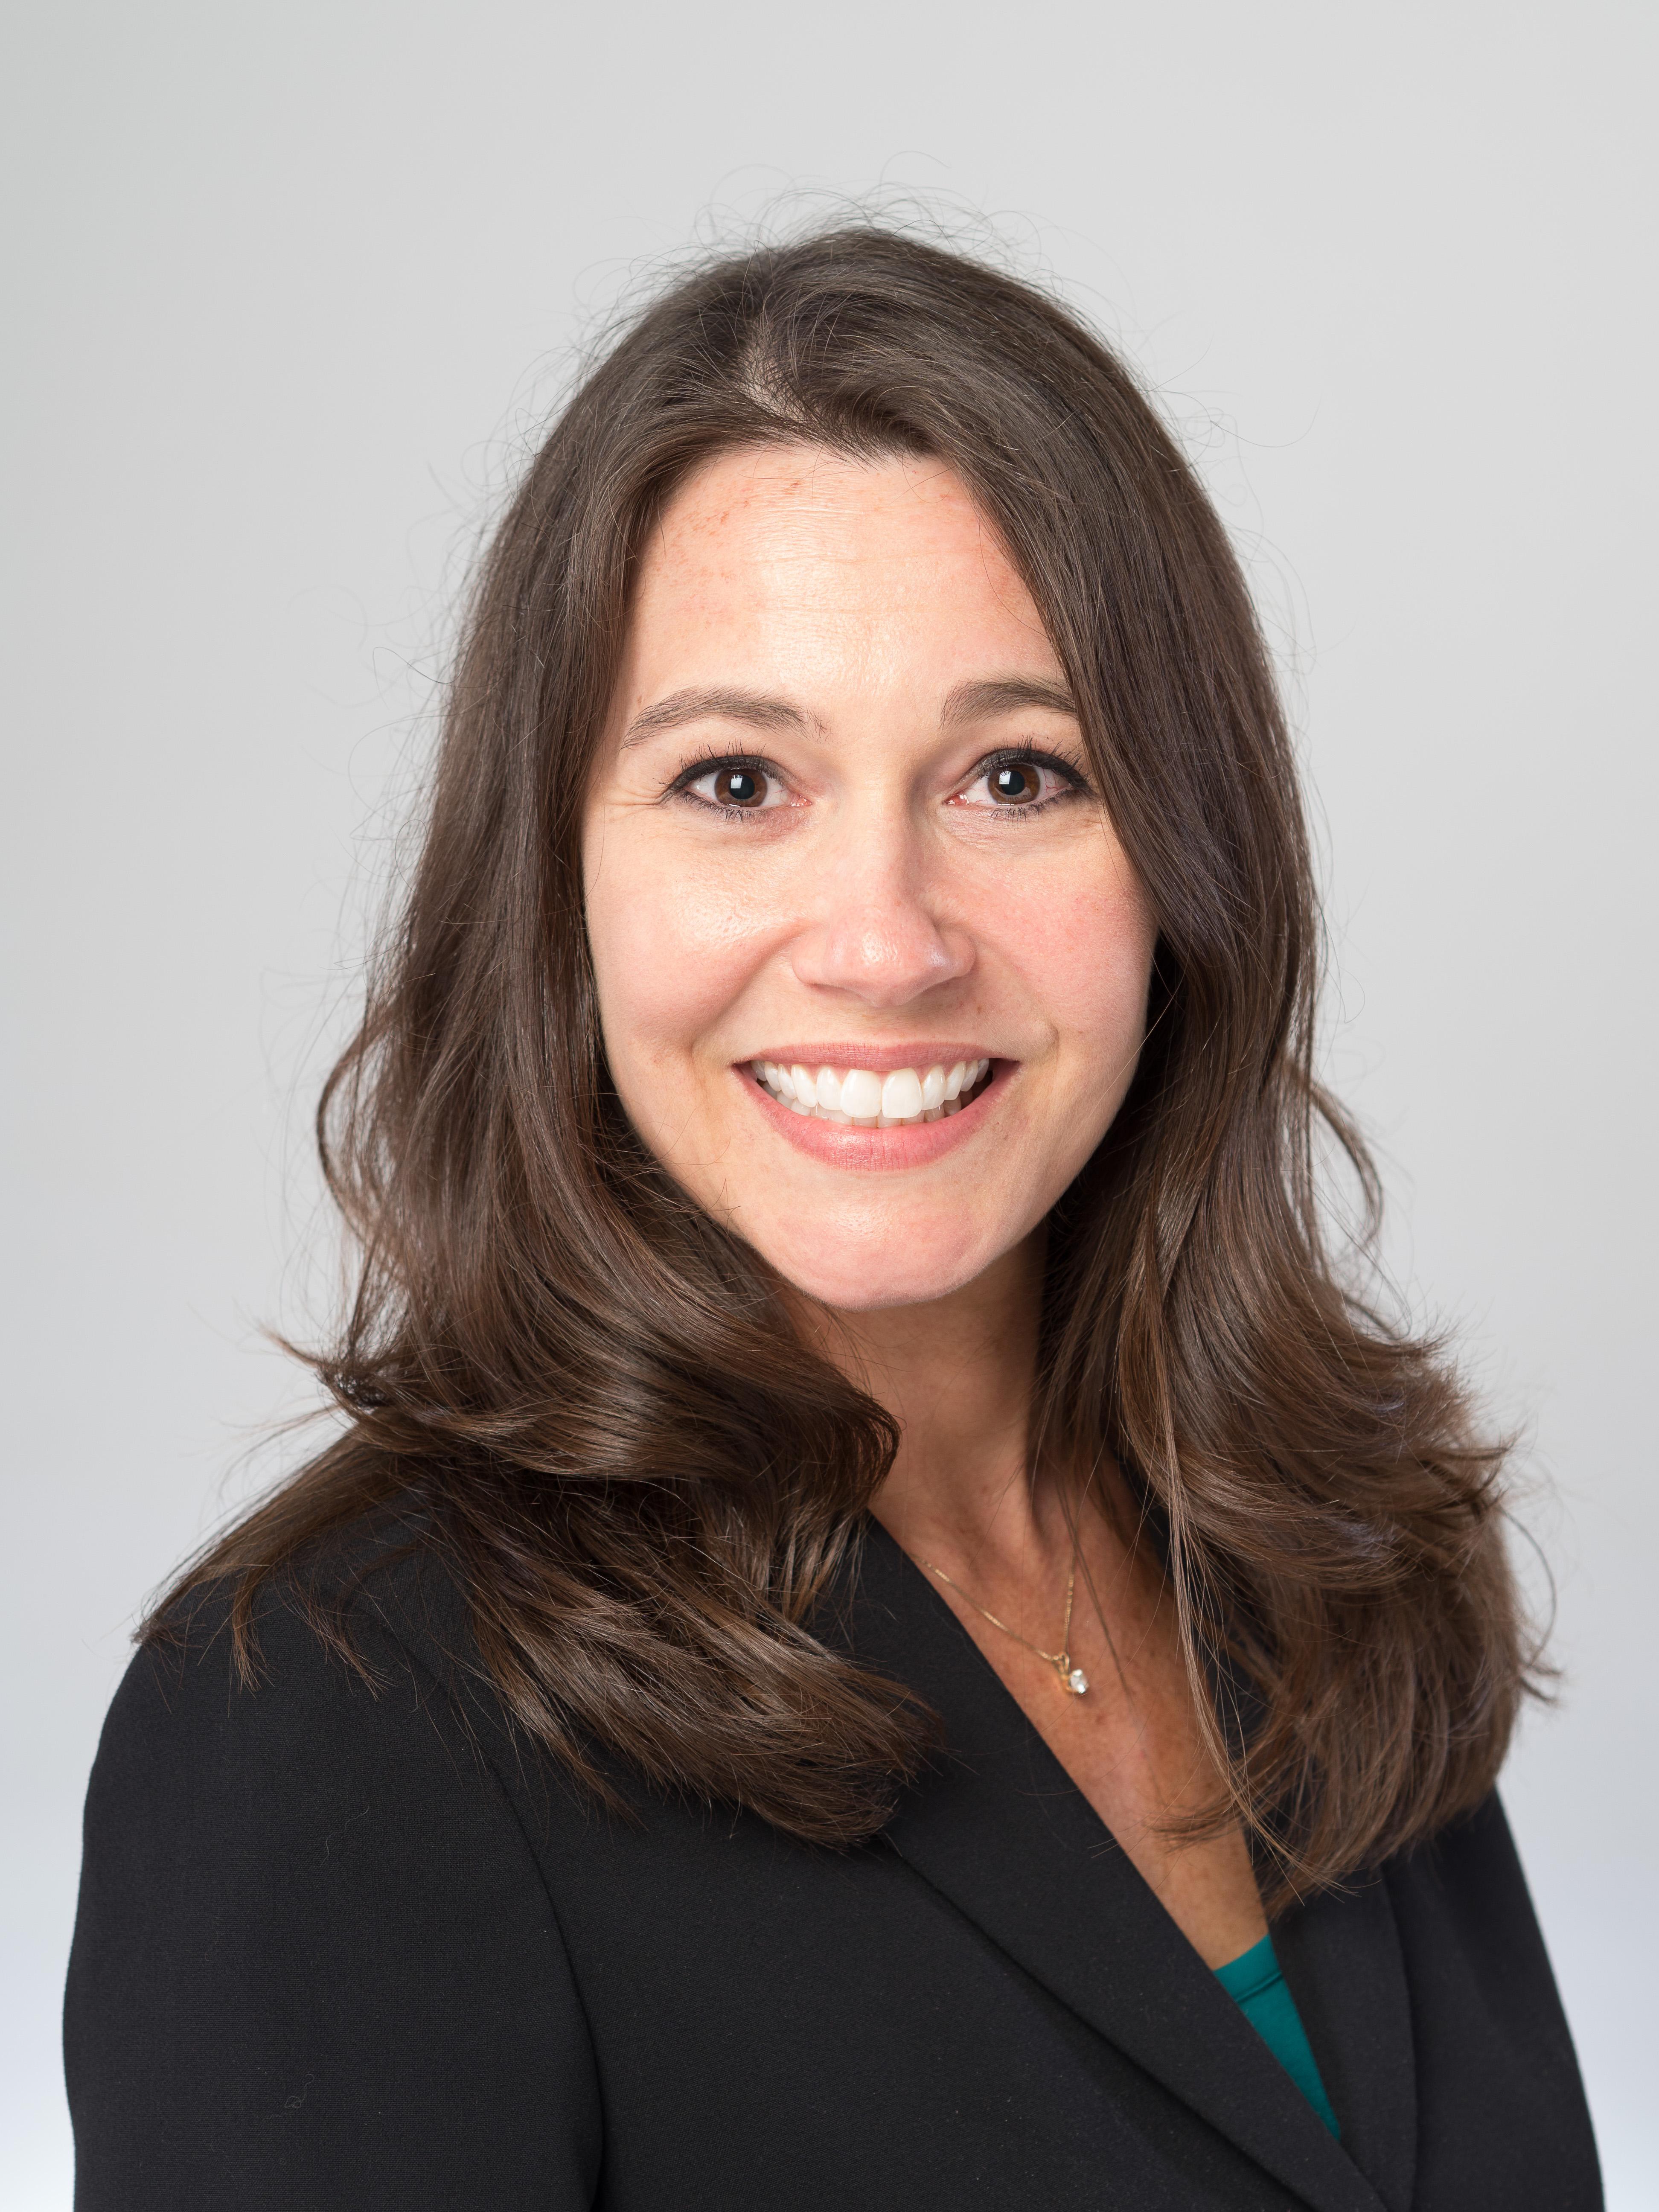 SIB Executive Team - Jennifer Fox